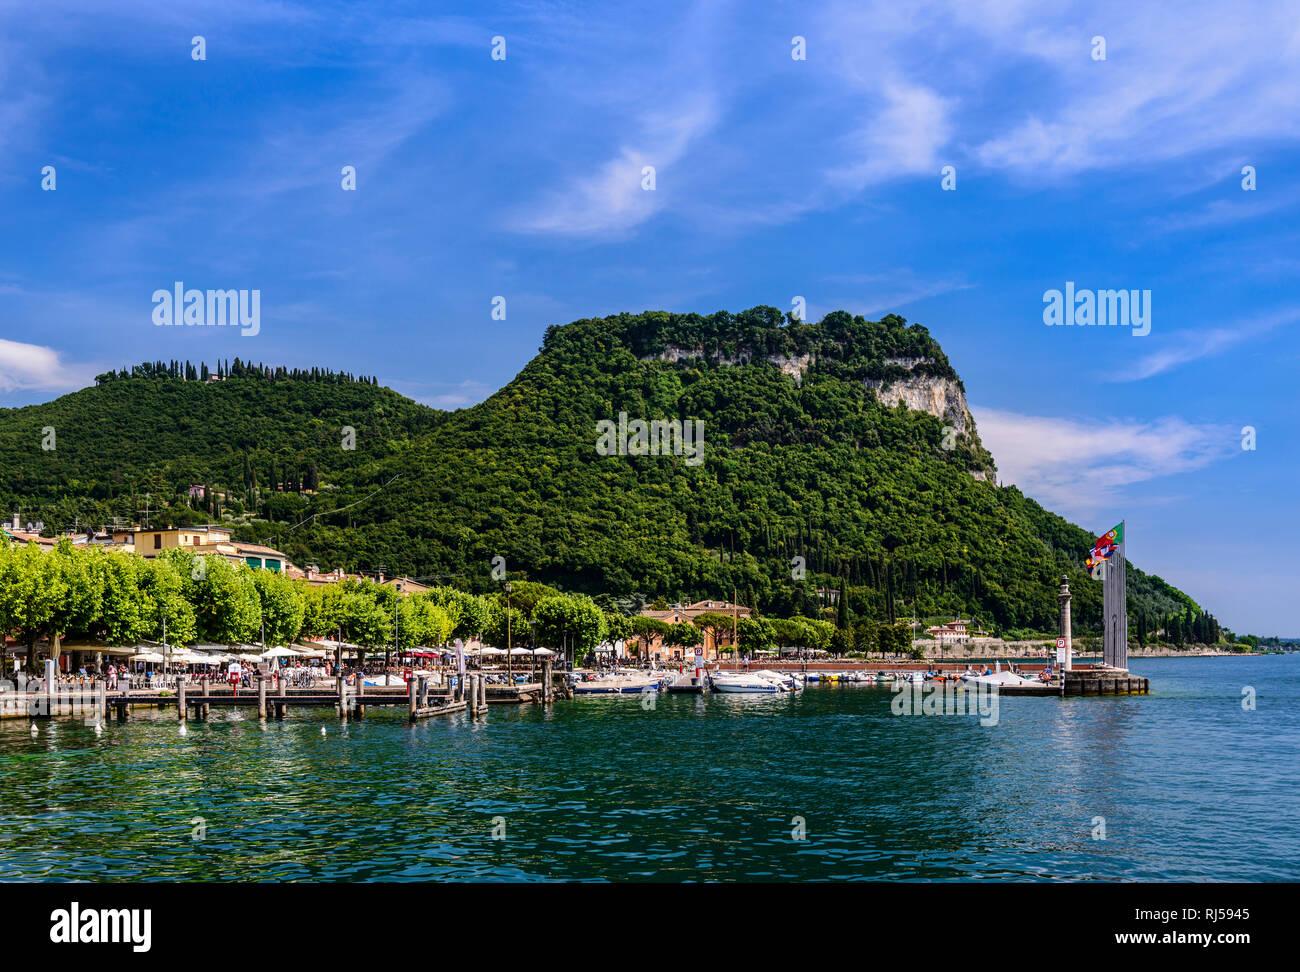 Italien, Venetien, Gardasee, Garda, Hafen gegen Tafelberg Rocca Vecchia - Stock Image